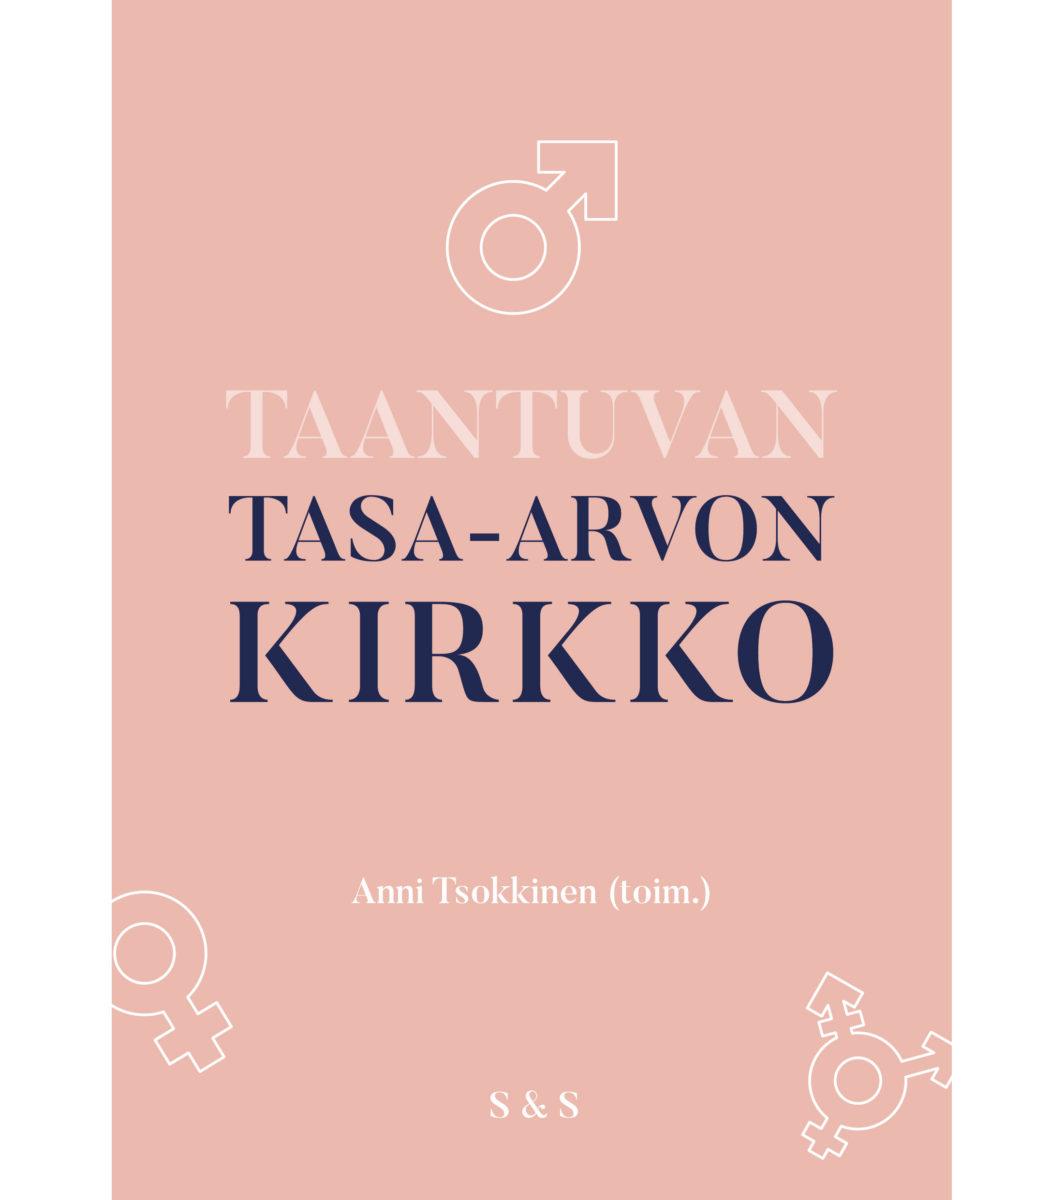 Anni Tsokkinen (toim.): Taantuvan tasa-arvon kirkko. 200 s. S&S, 2019.